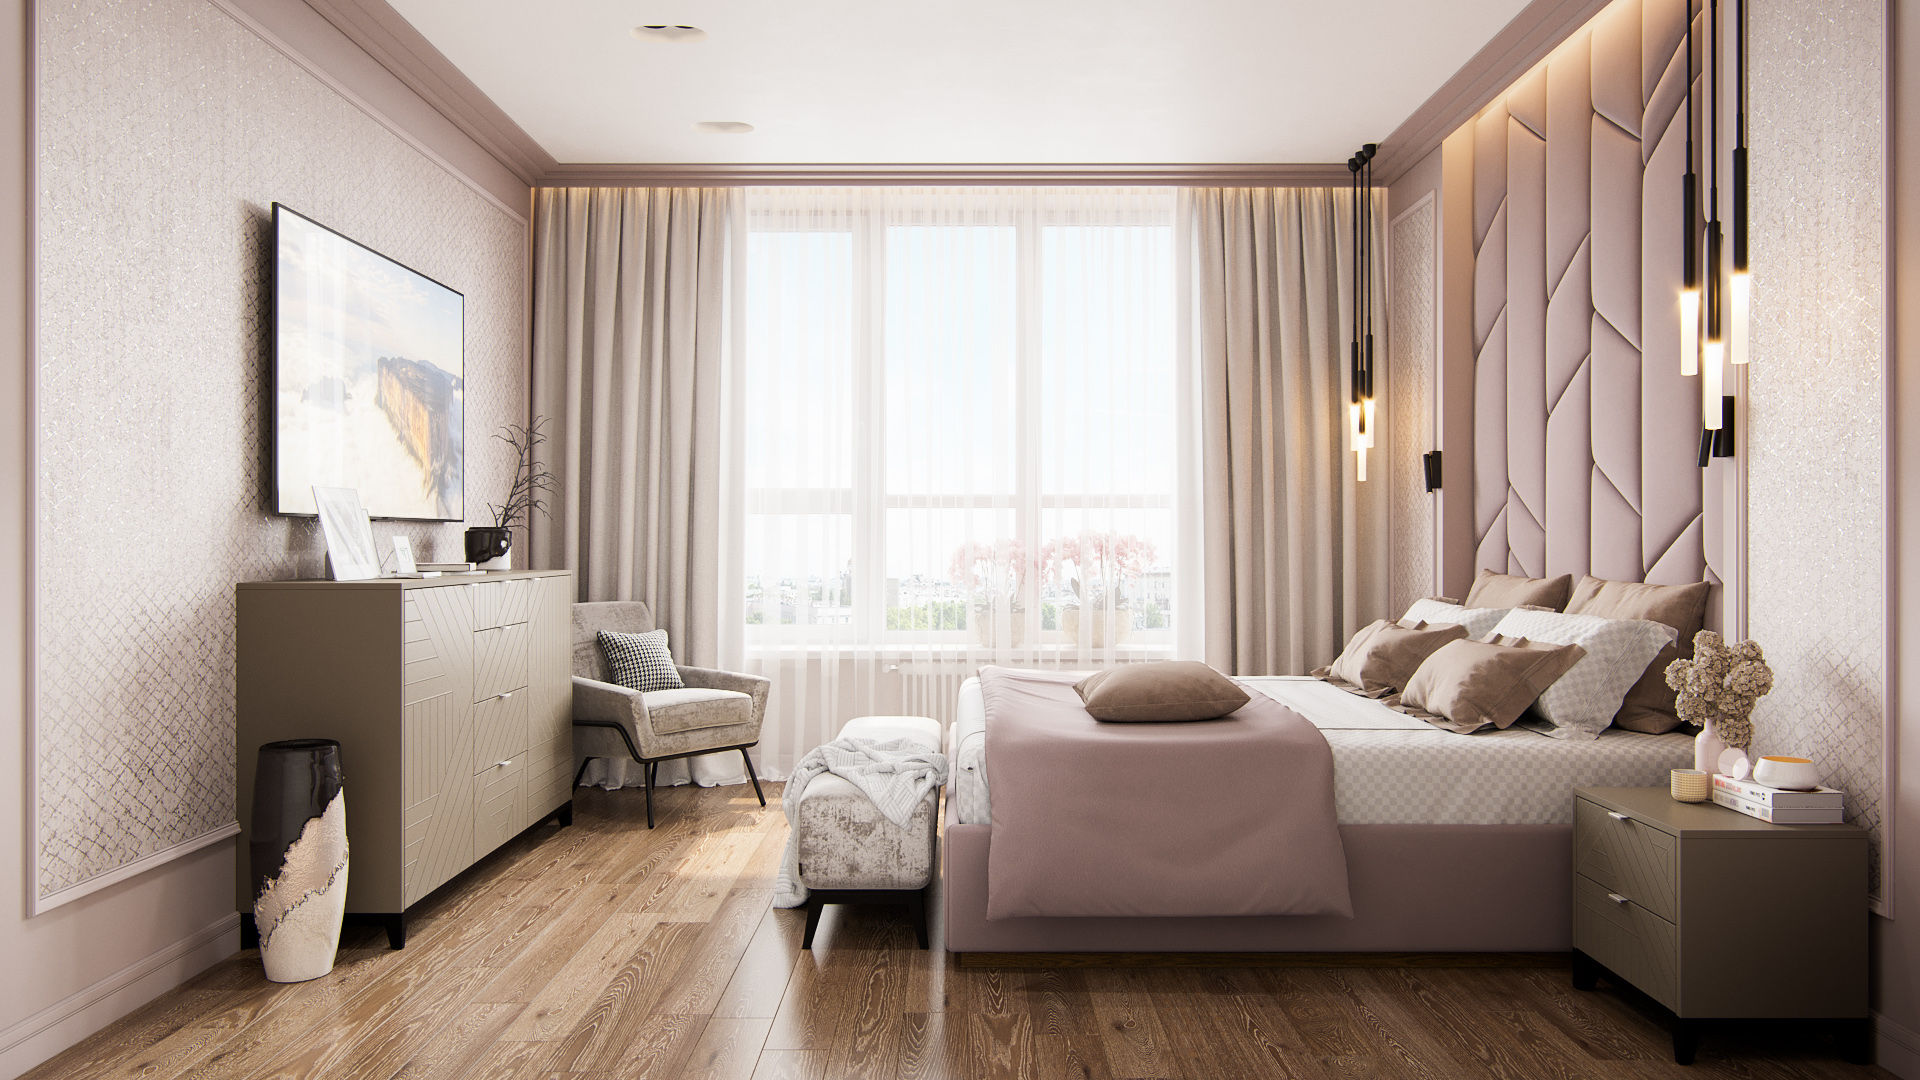 Максимум комфорта и уюта